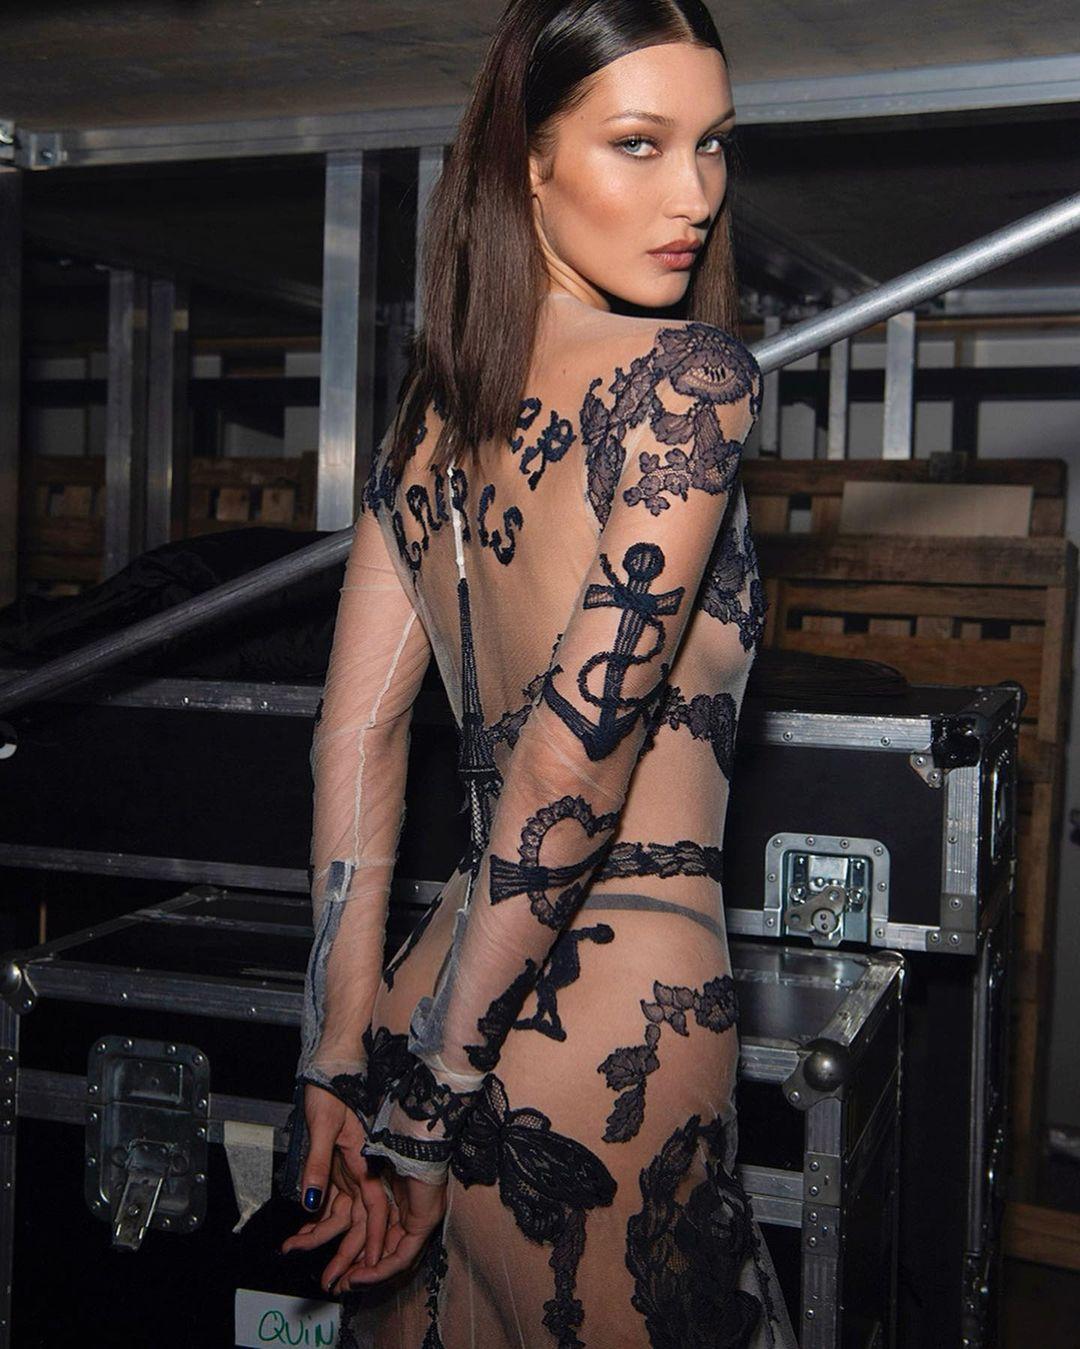 Белла Хадид показала фанатам свое оголенное тело